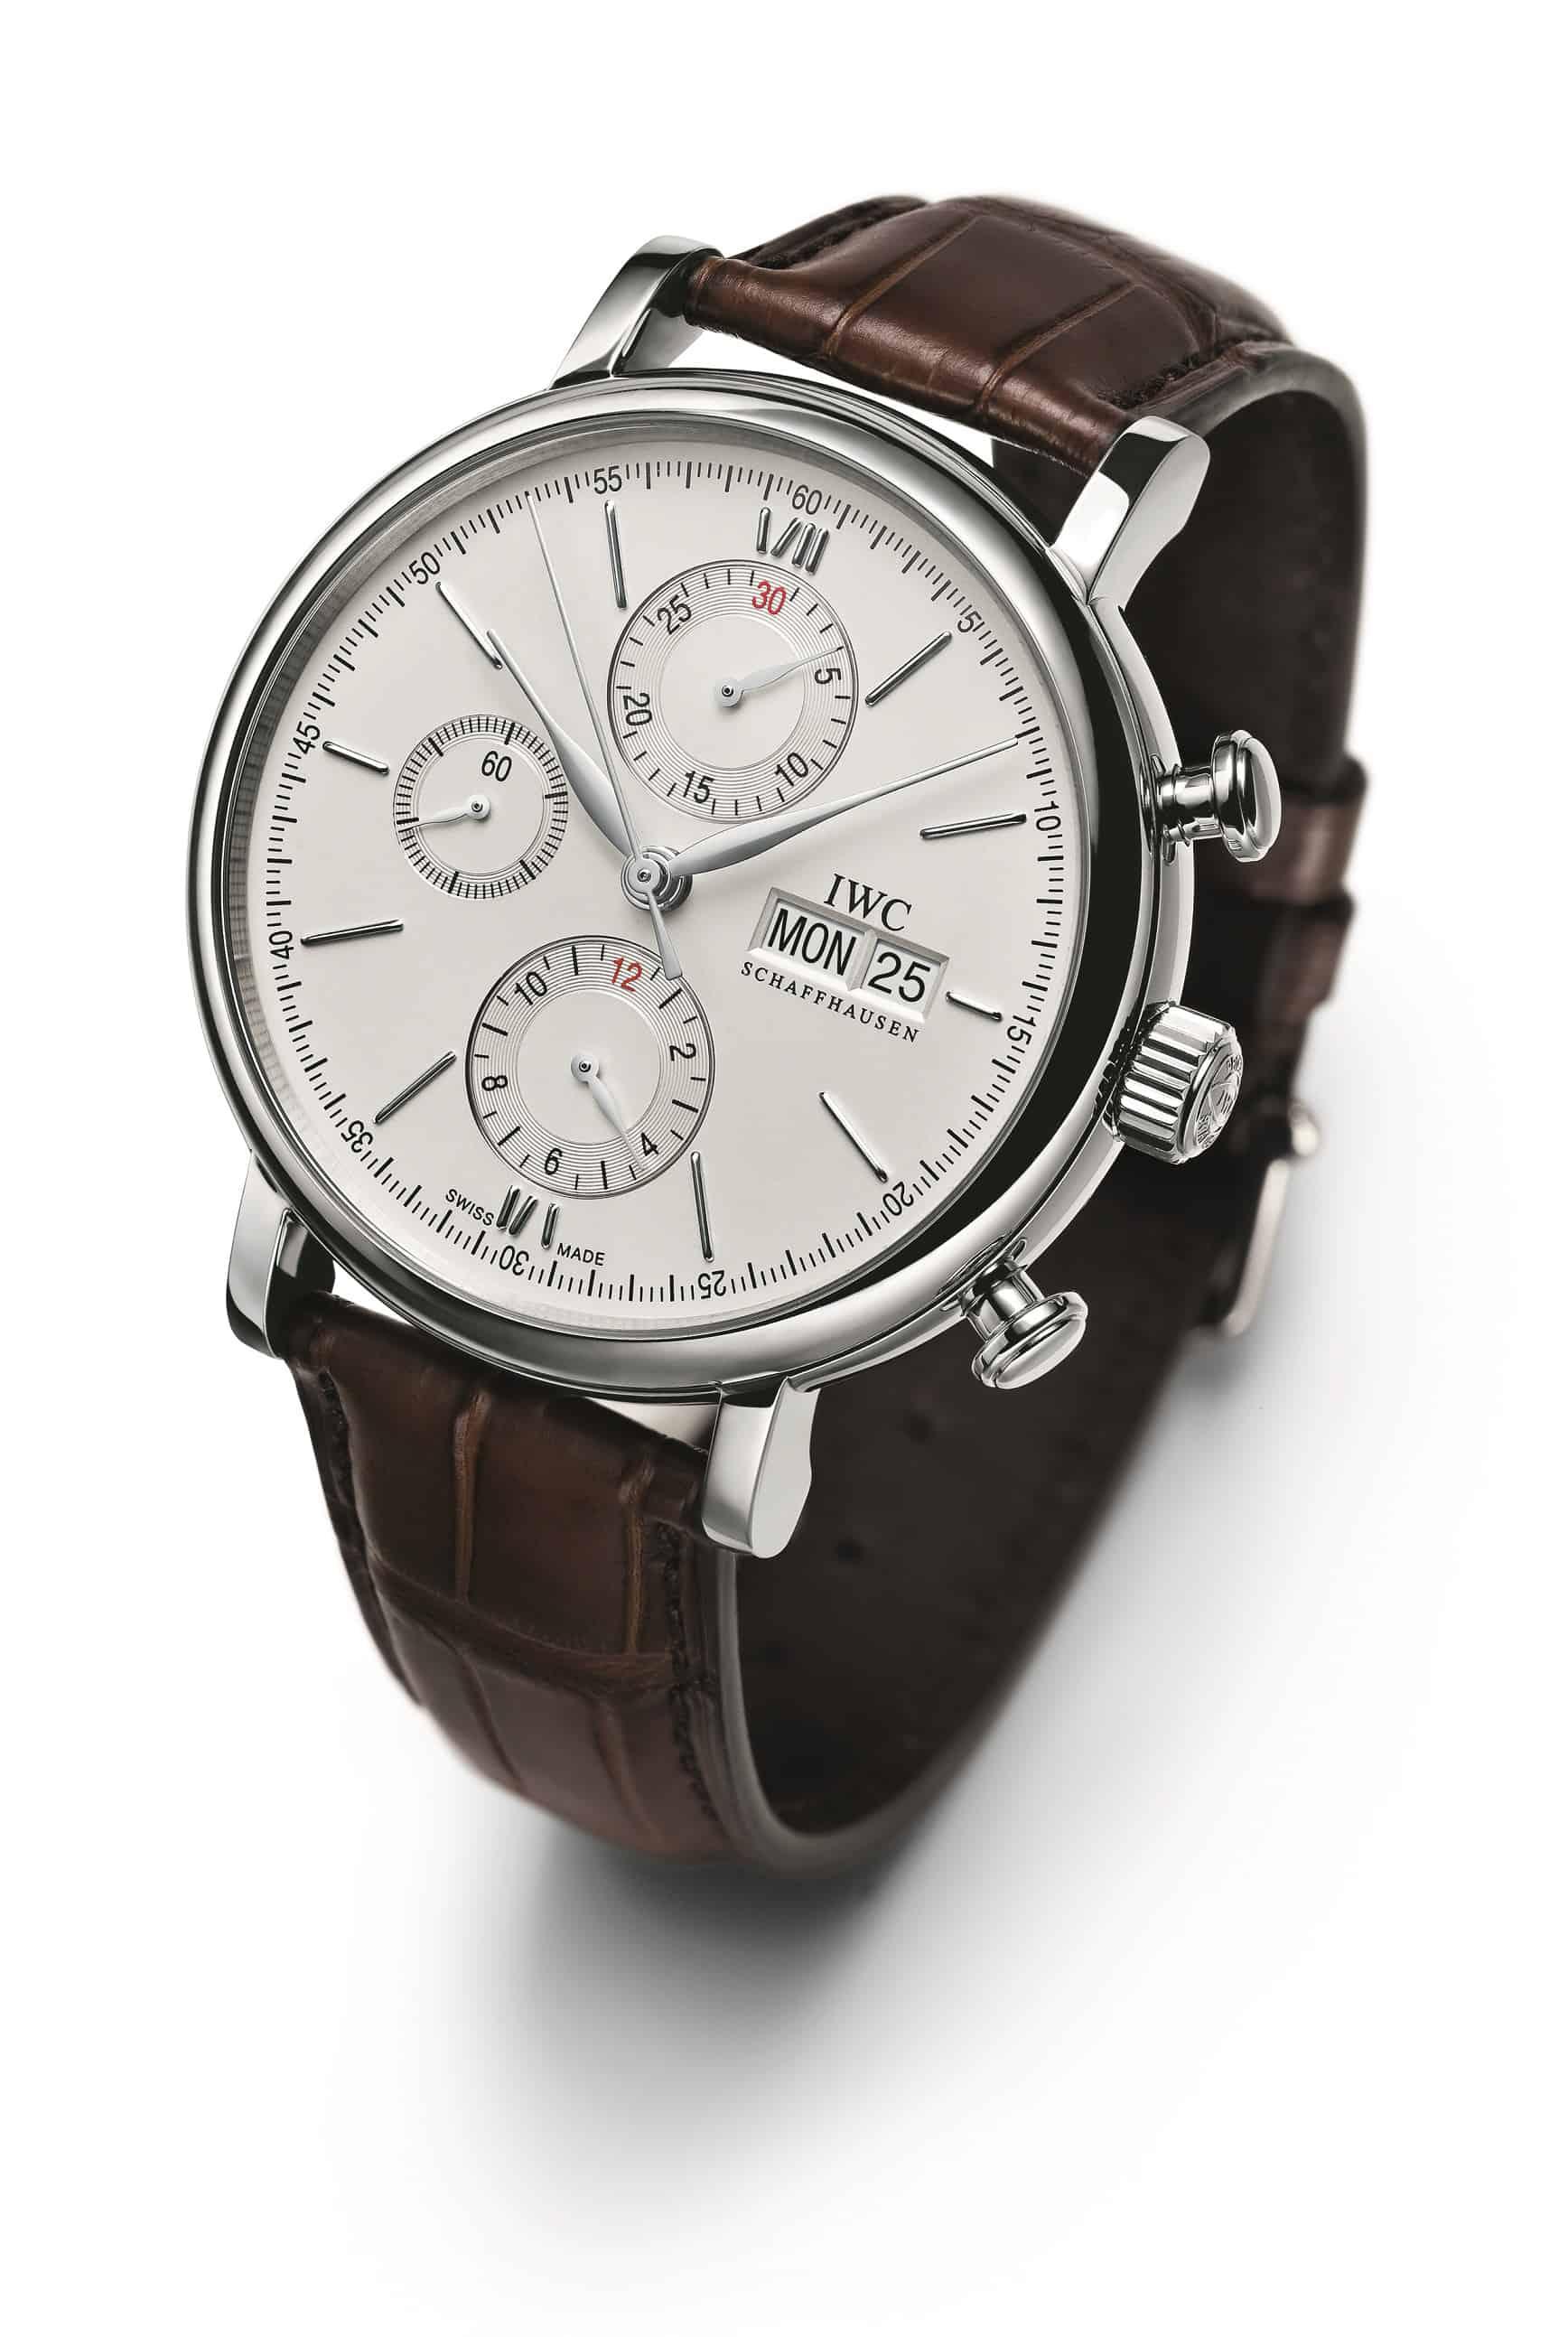 Über alle Steigerungen der Effizienz sollte man nicht vergessen, dass IWC das Wichtigste nicht vergisst: Schöne, technisch hervorragende Uhren zu bauen, wie dieser IWC Portofino Chronograph eindrucksvoll beweist